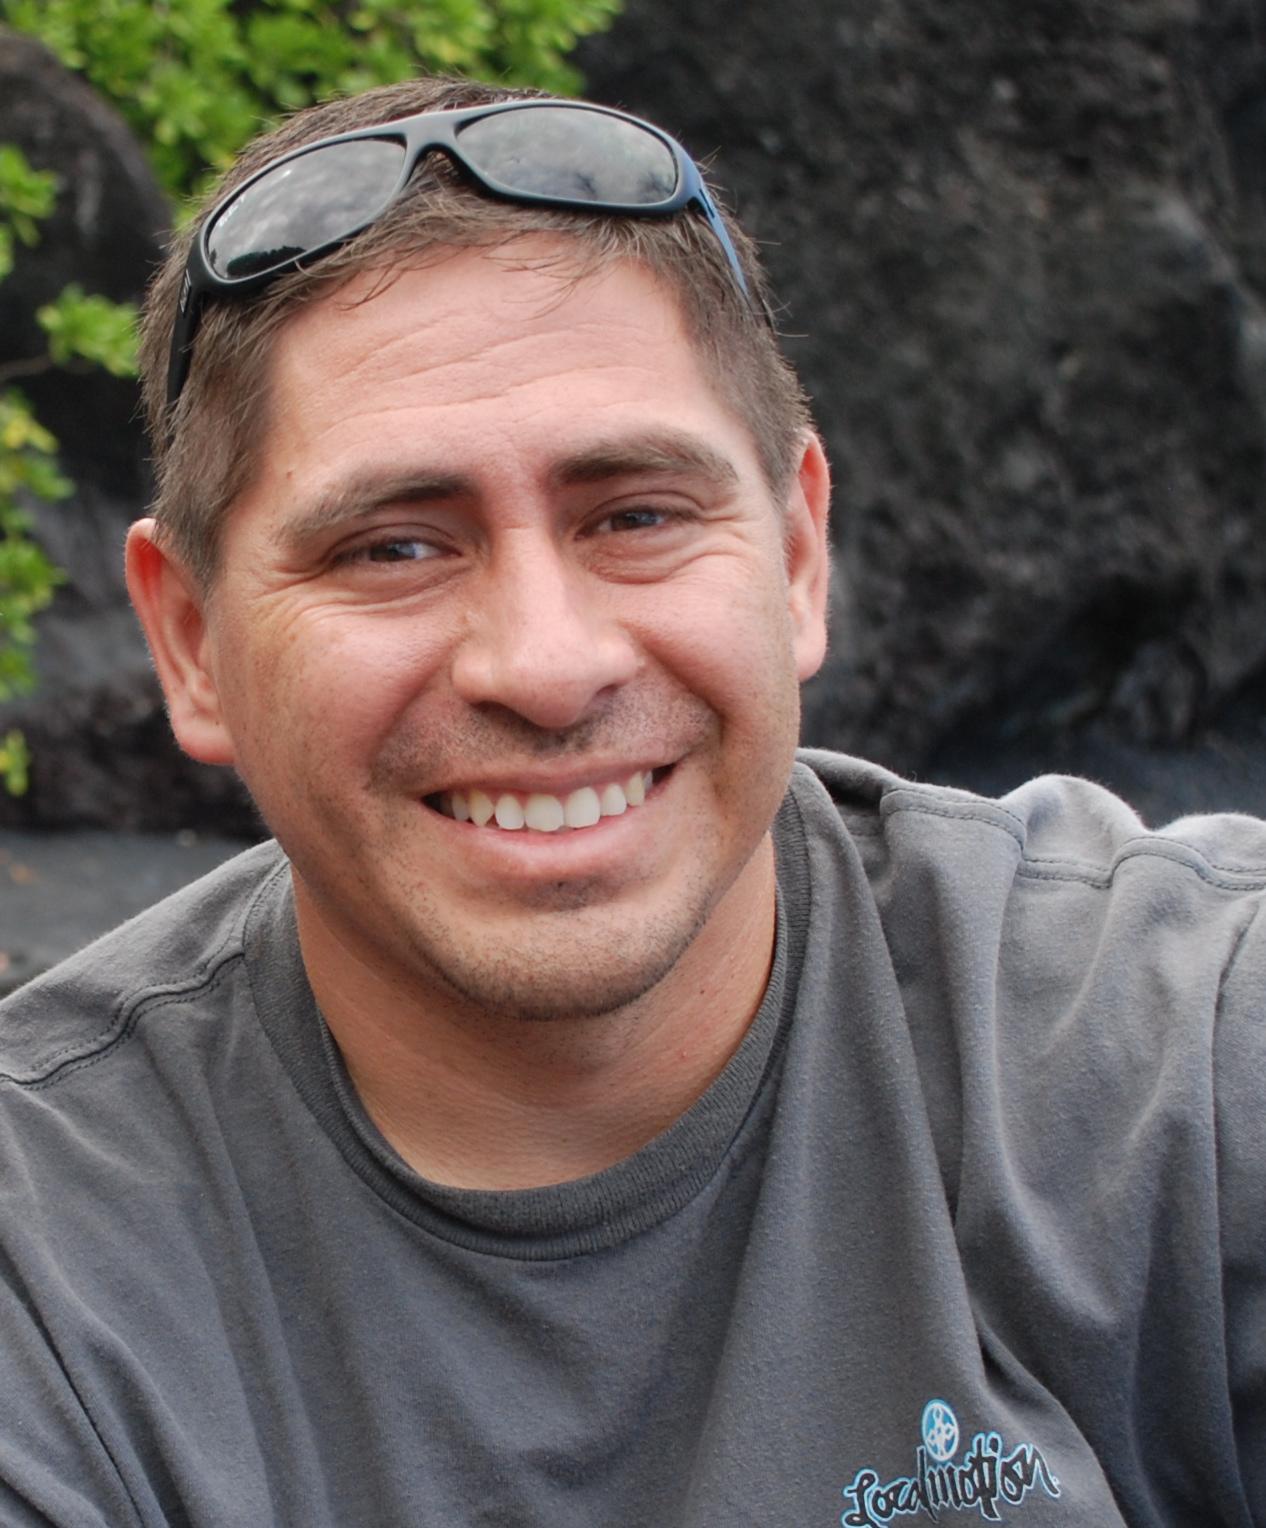 Rick Ortiz